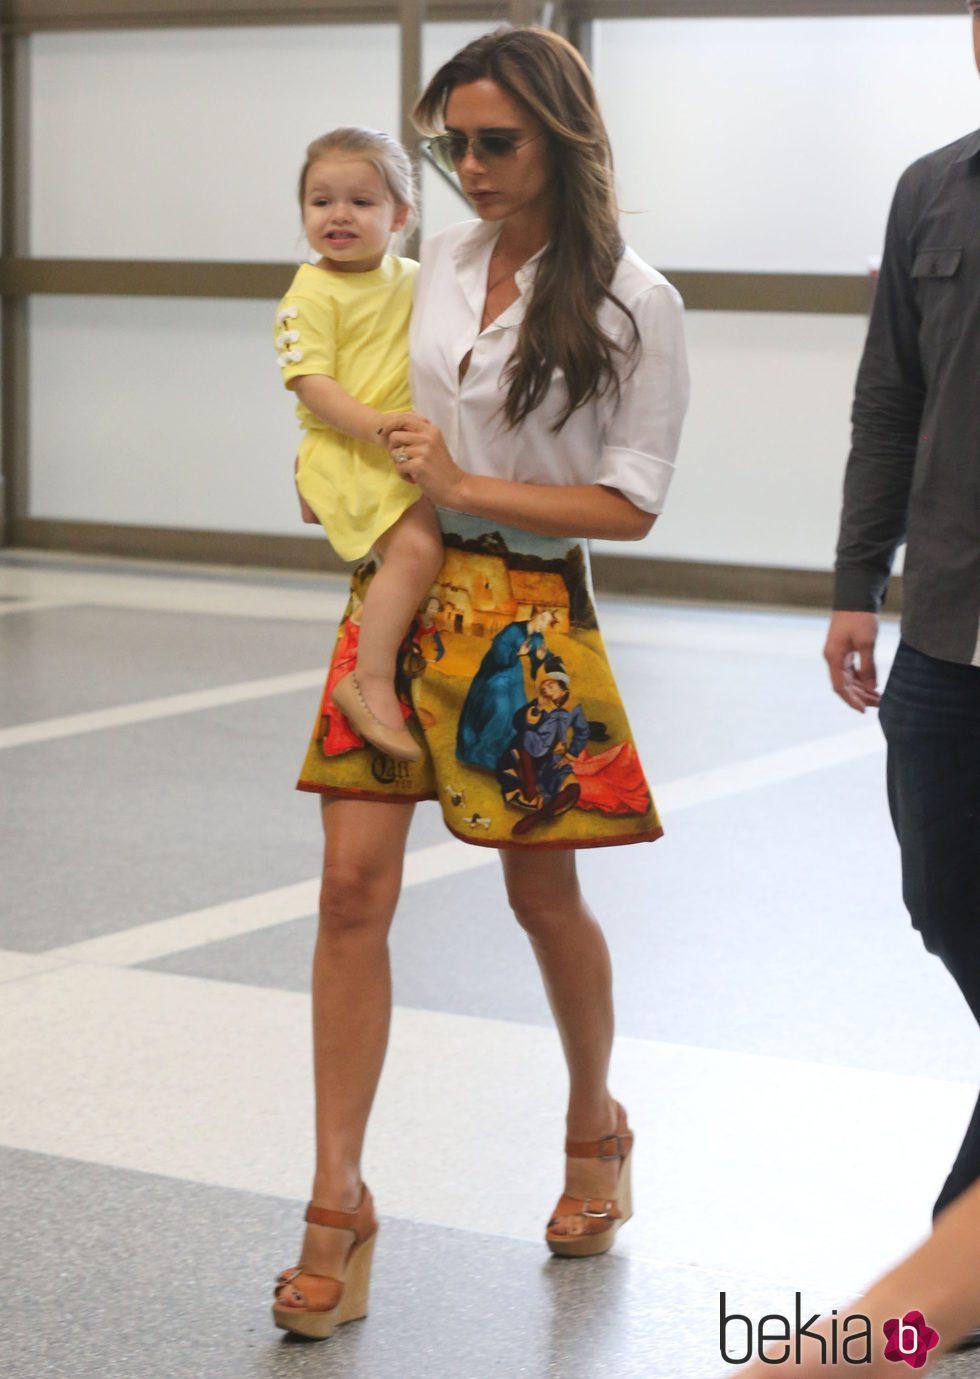 Vcitoria Beckham y su hija Harper Seven en el aeropuerto de Los Ángeles